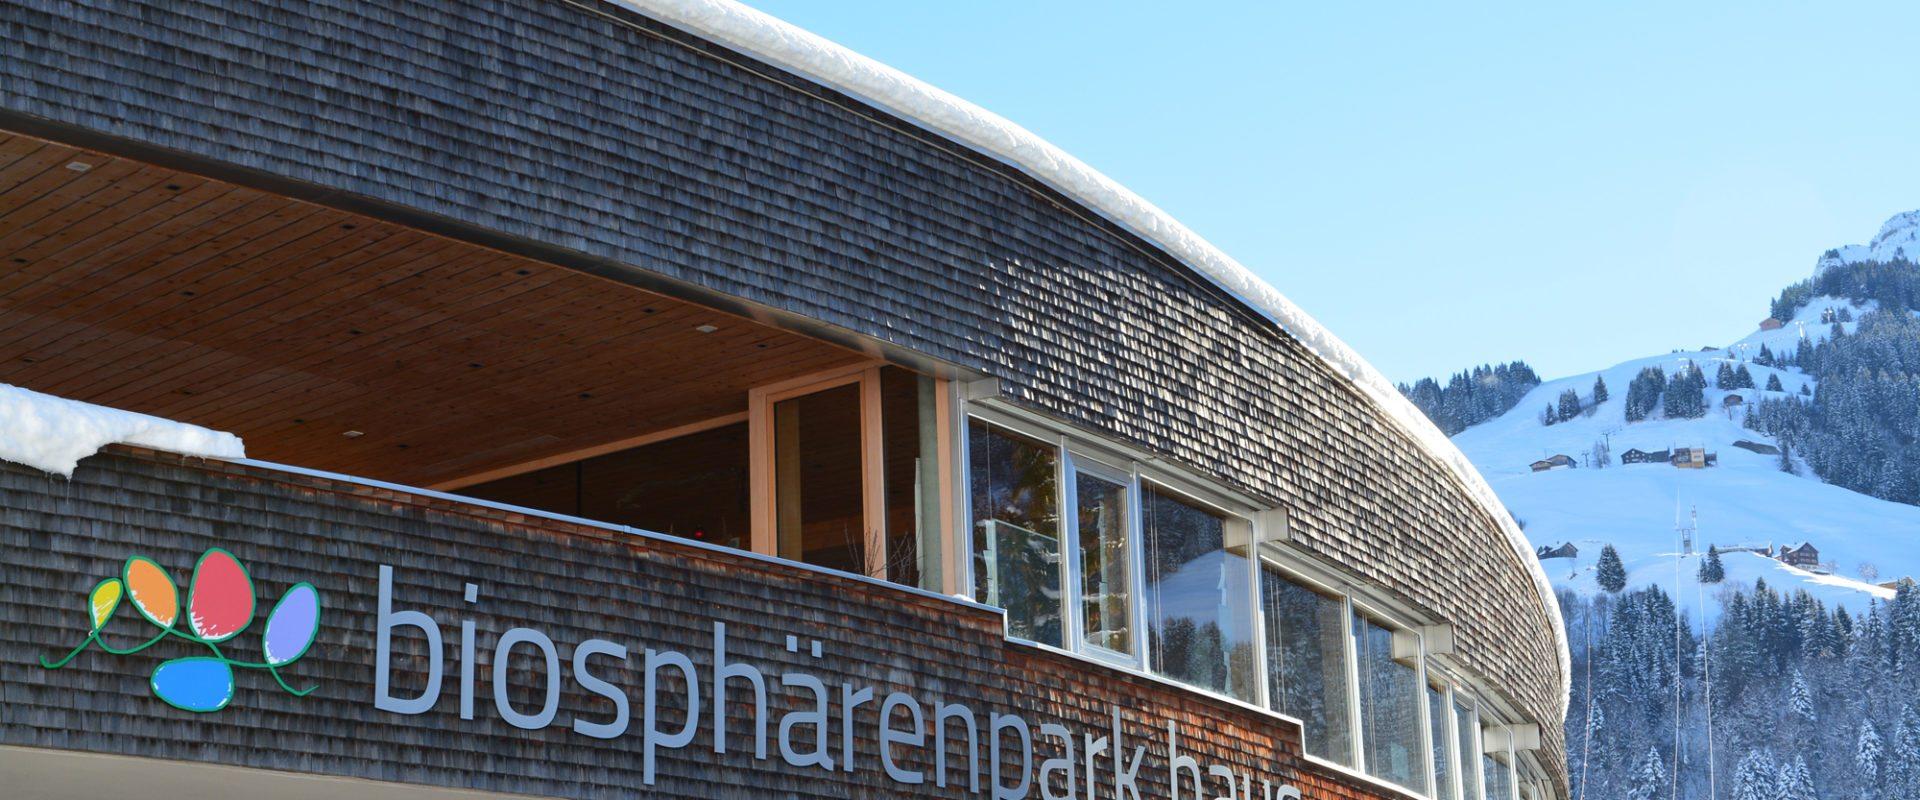 biosphärenpark.haus aussen winter_m.bischof